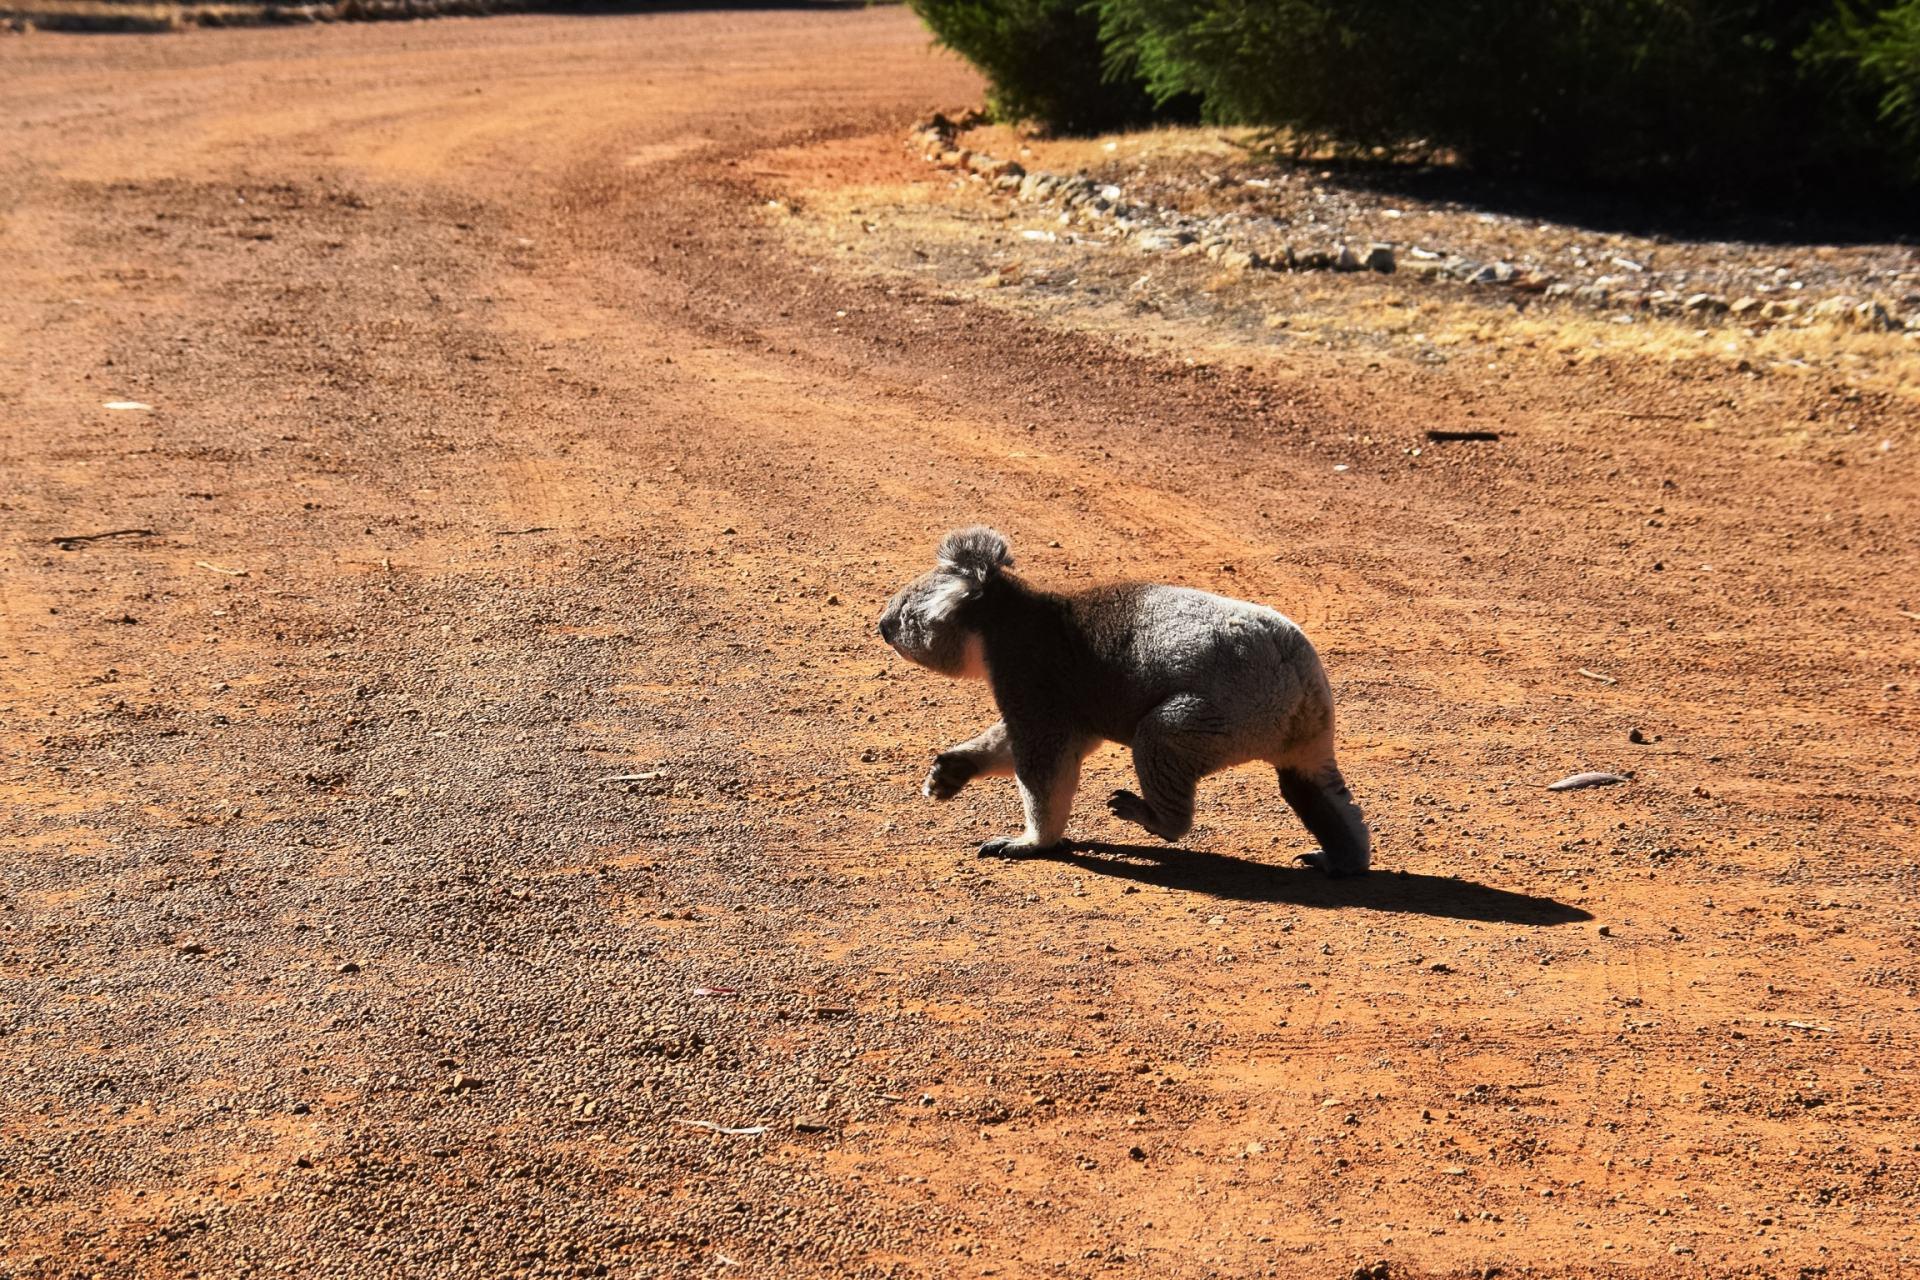 koala crossing the road at hanson bay wildlife sanctuary